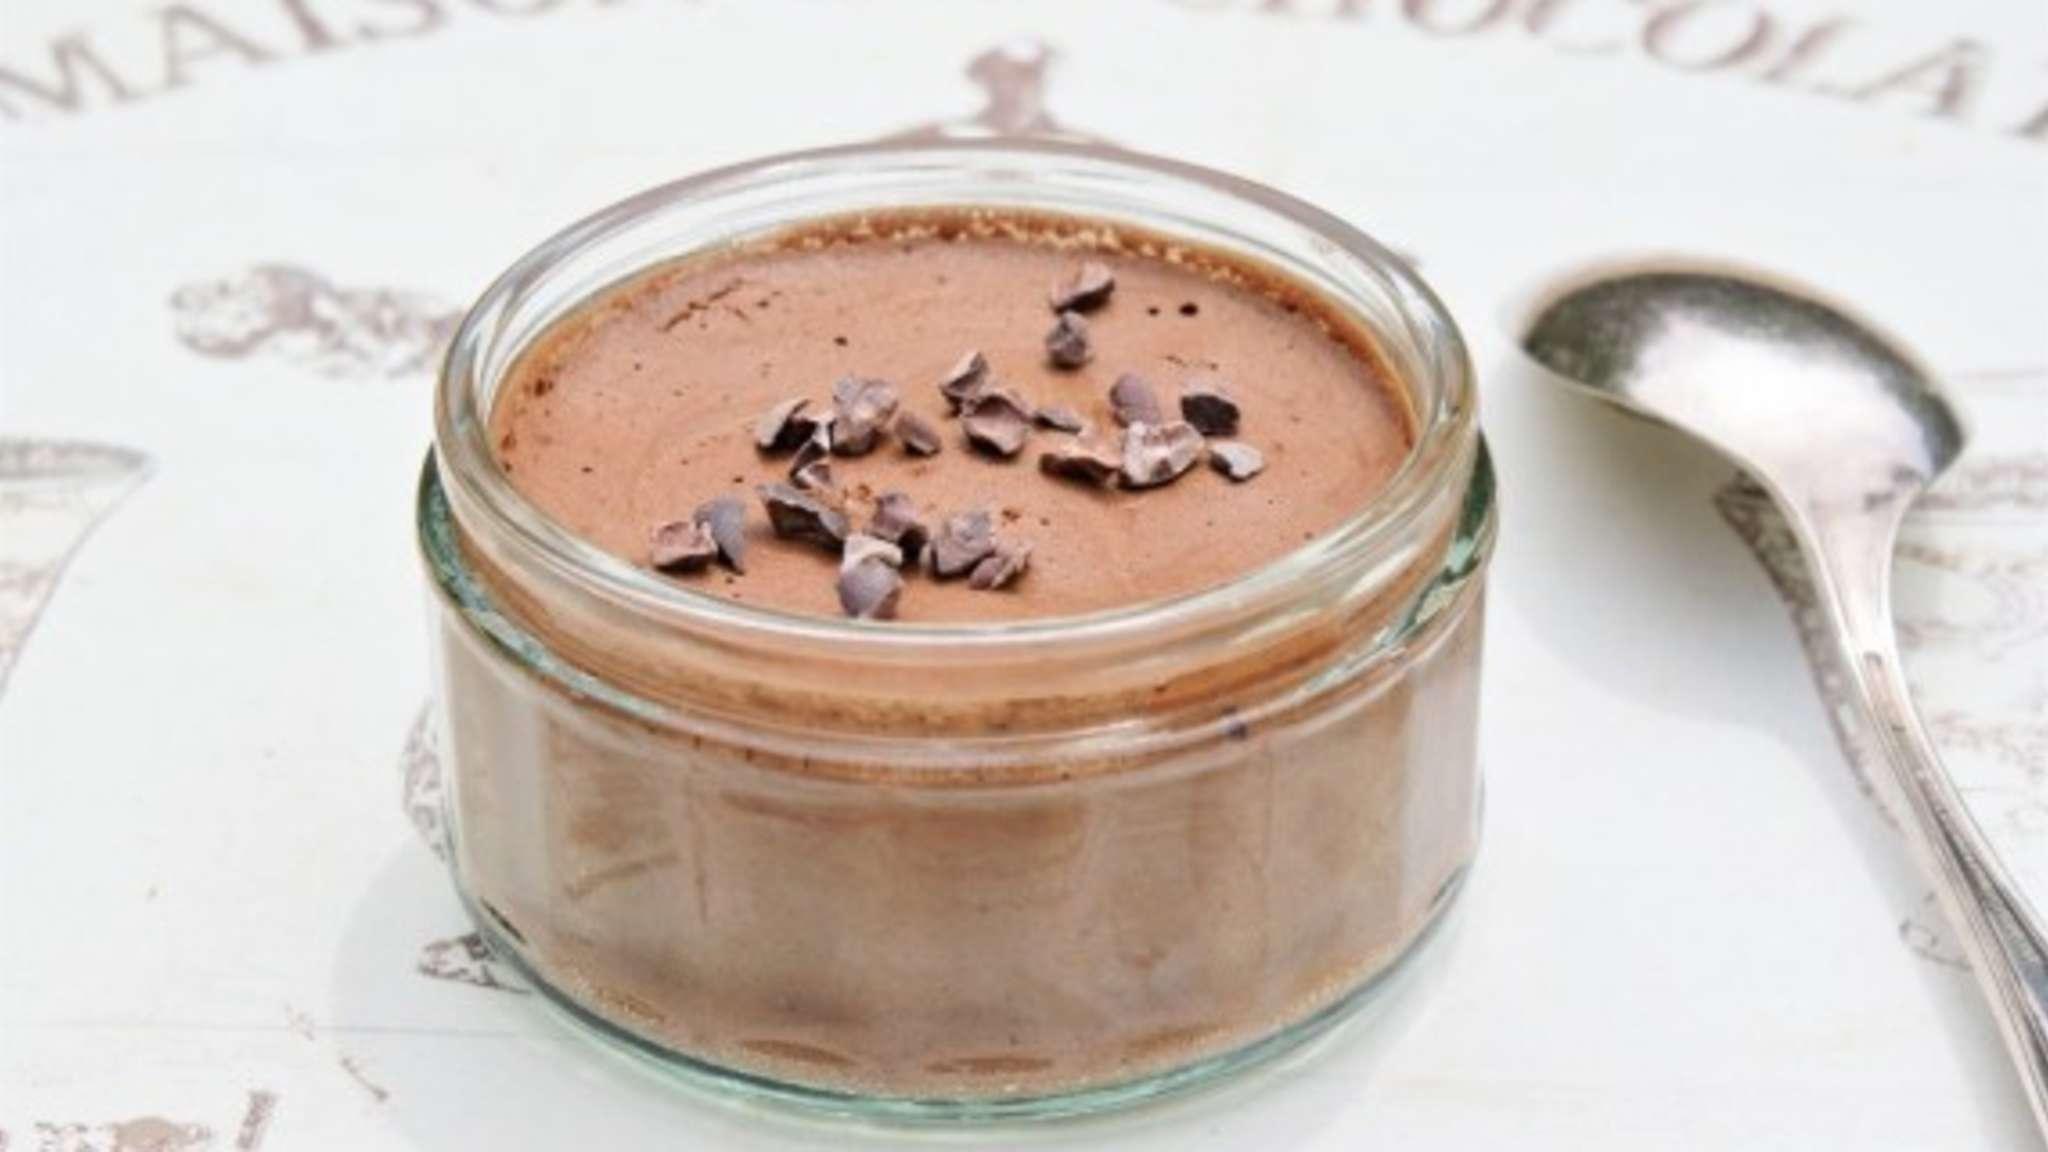 Mousse au chocolat végétale à l'aquafaba